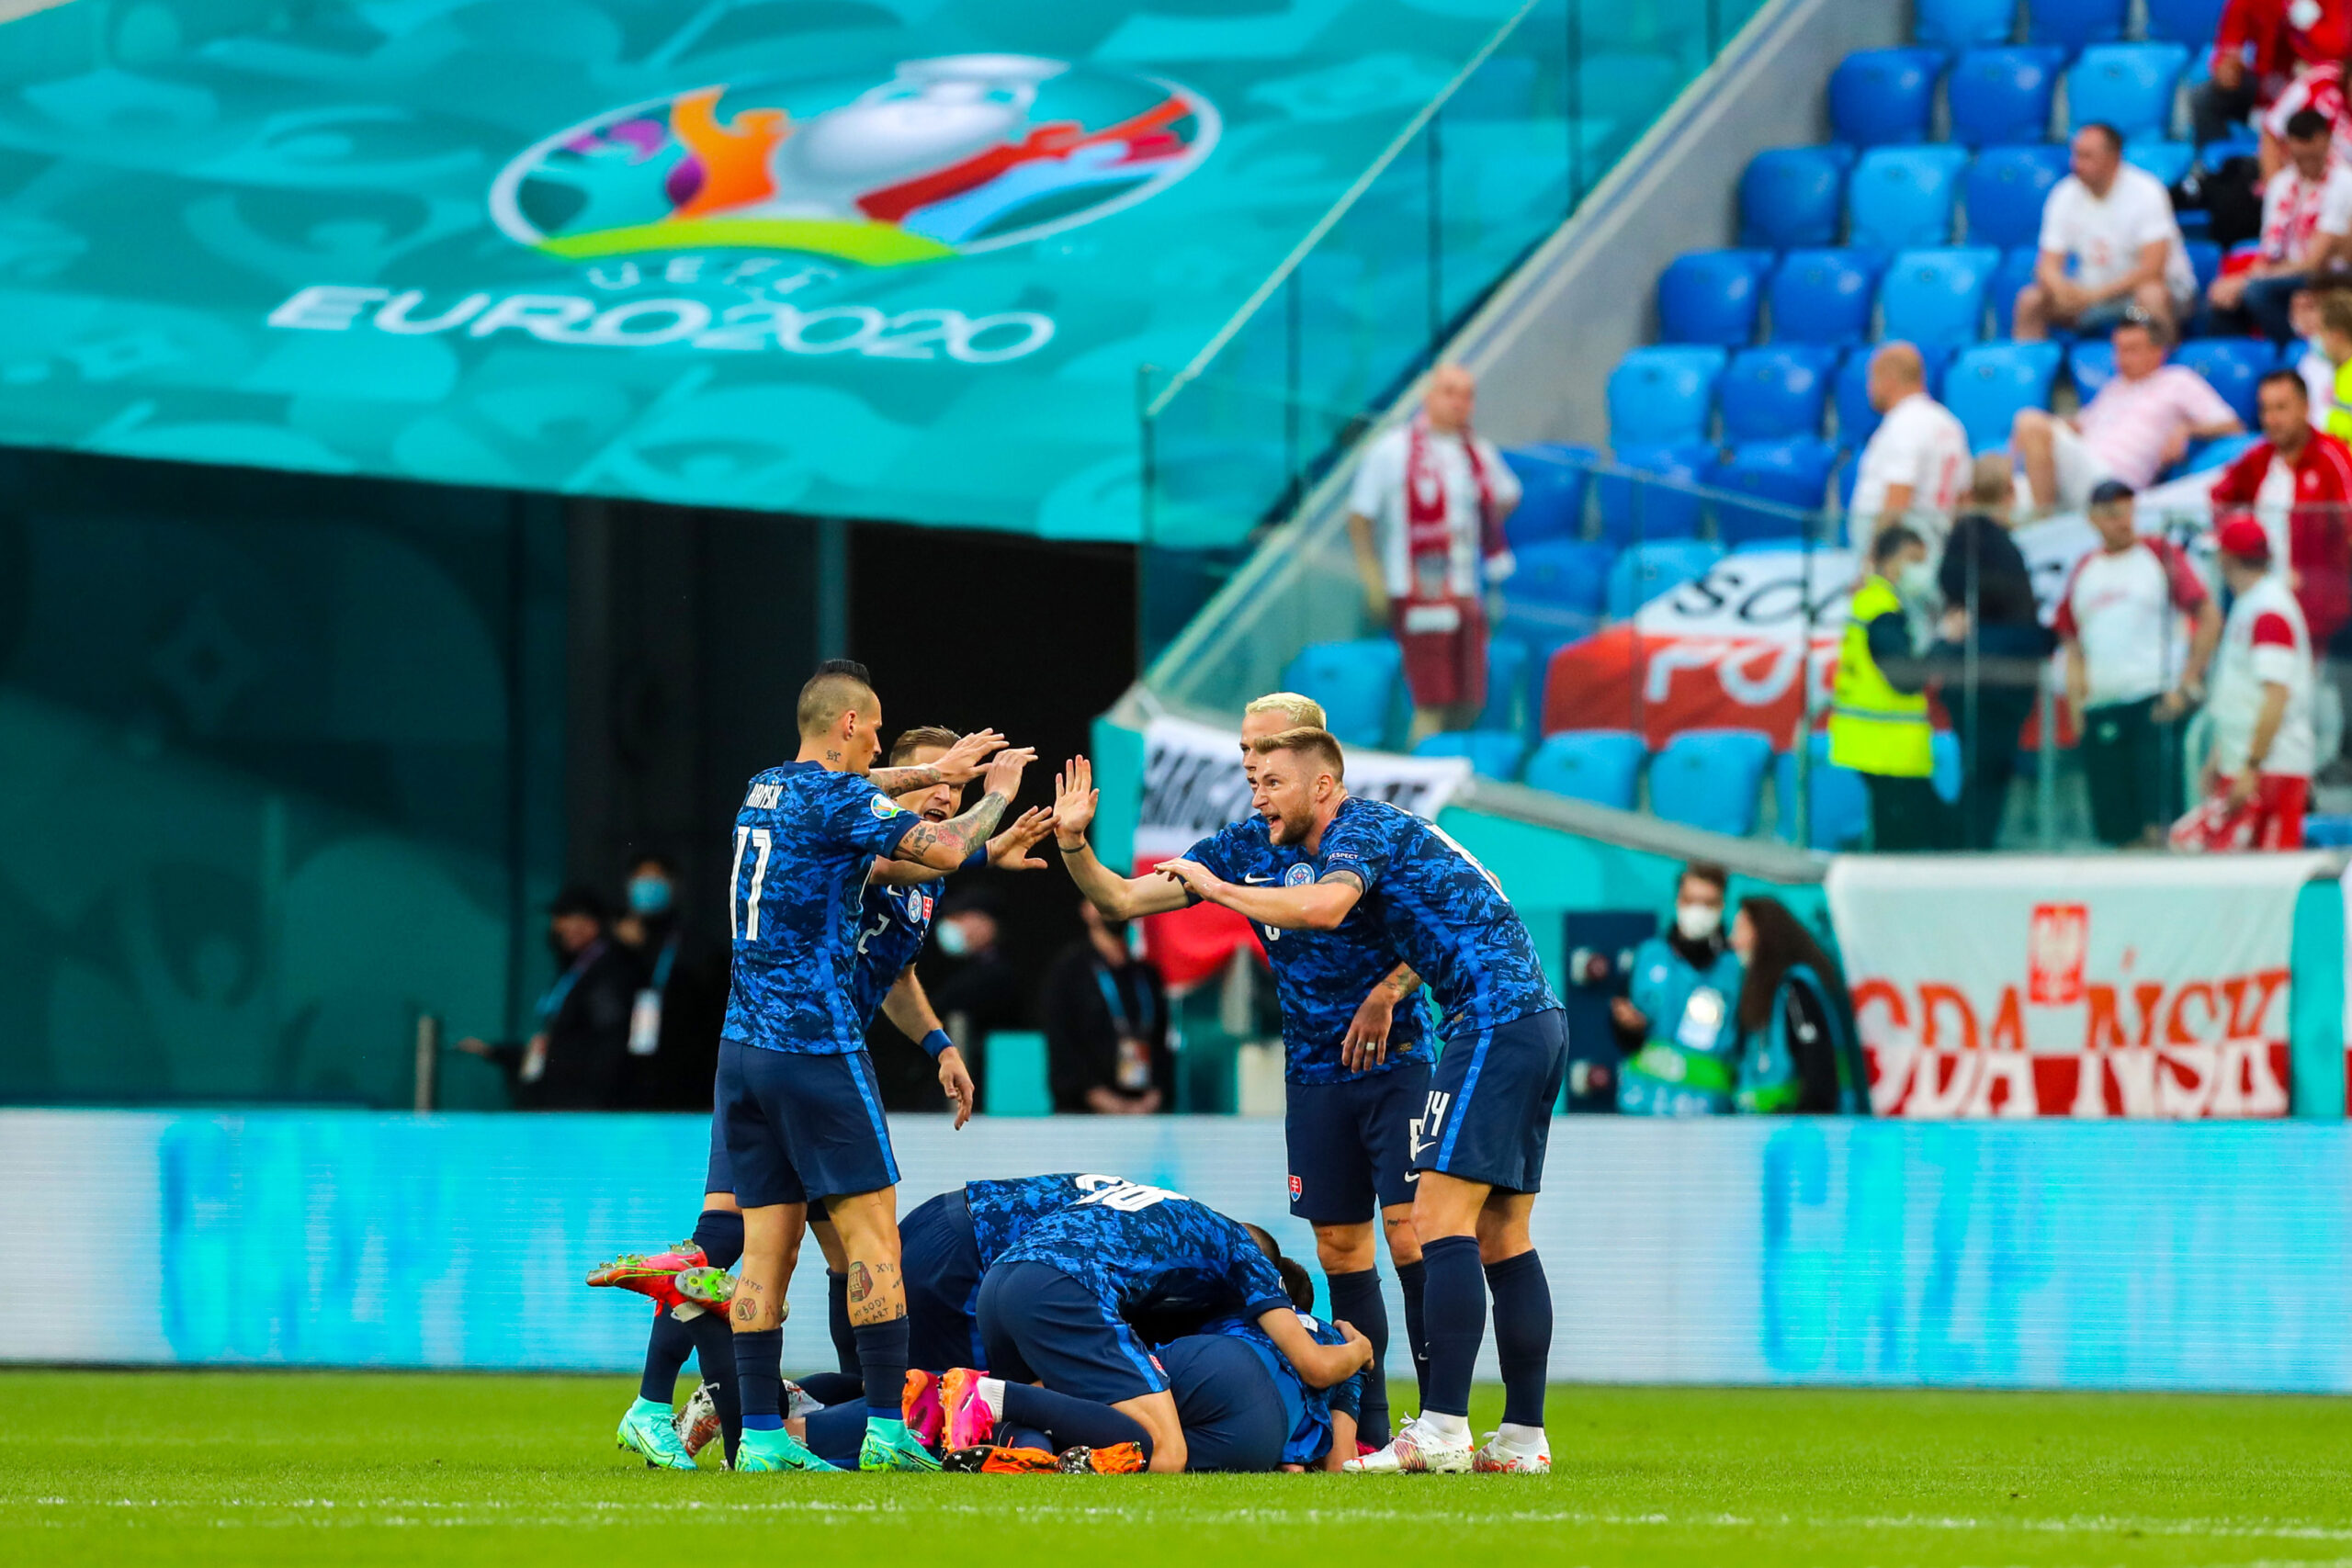 La Slovaquie a battu la Pologne lors de la 1ère journée du Groupe E. Icon Sport